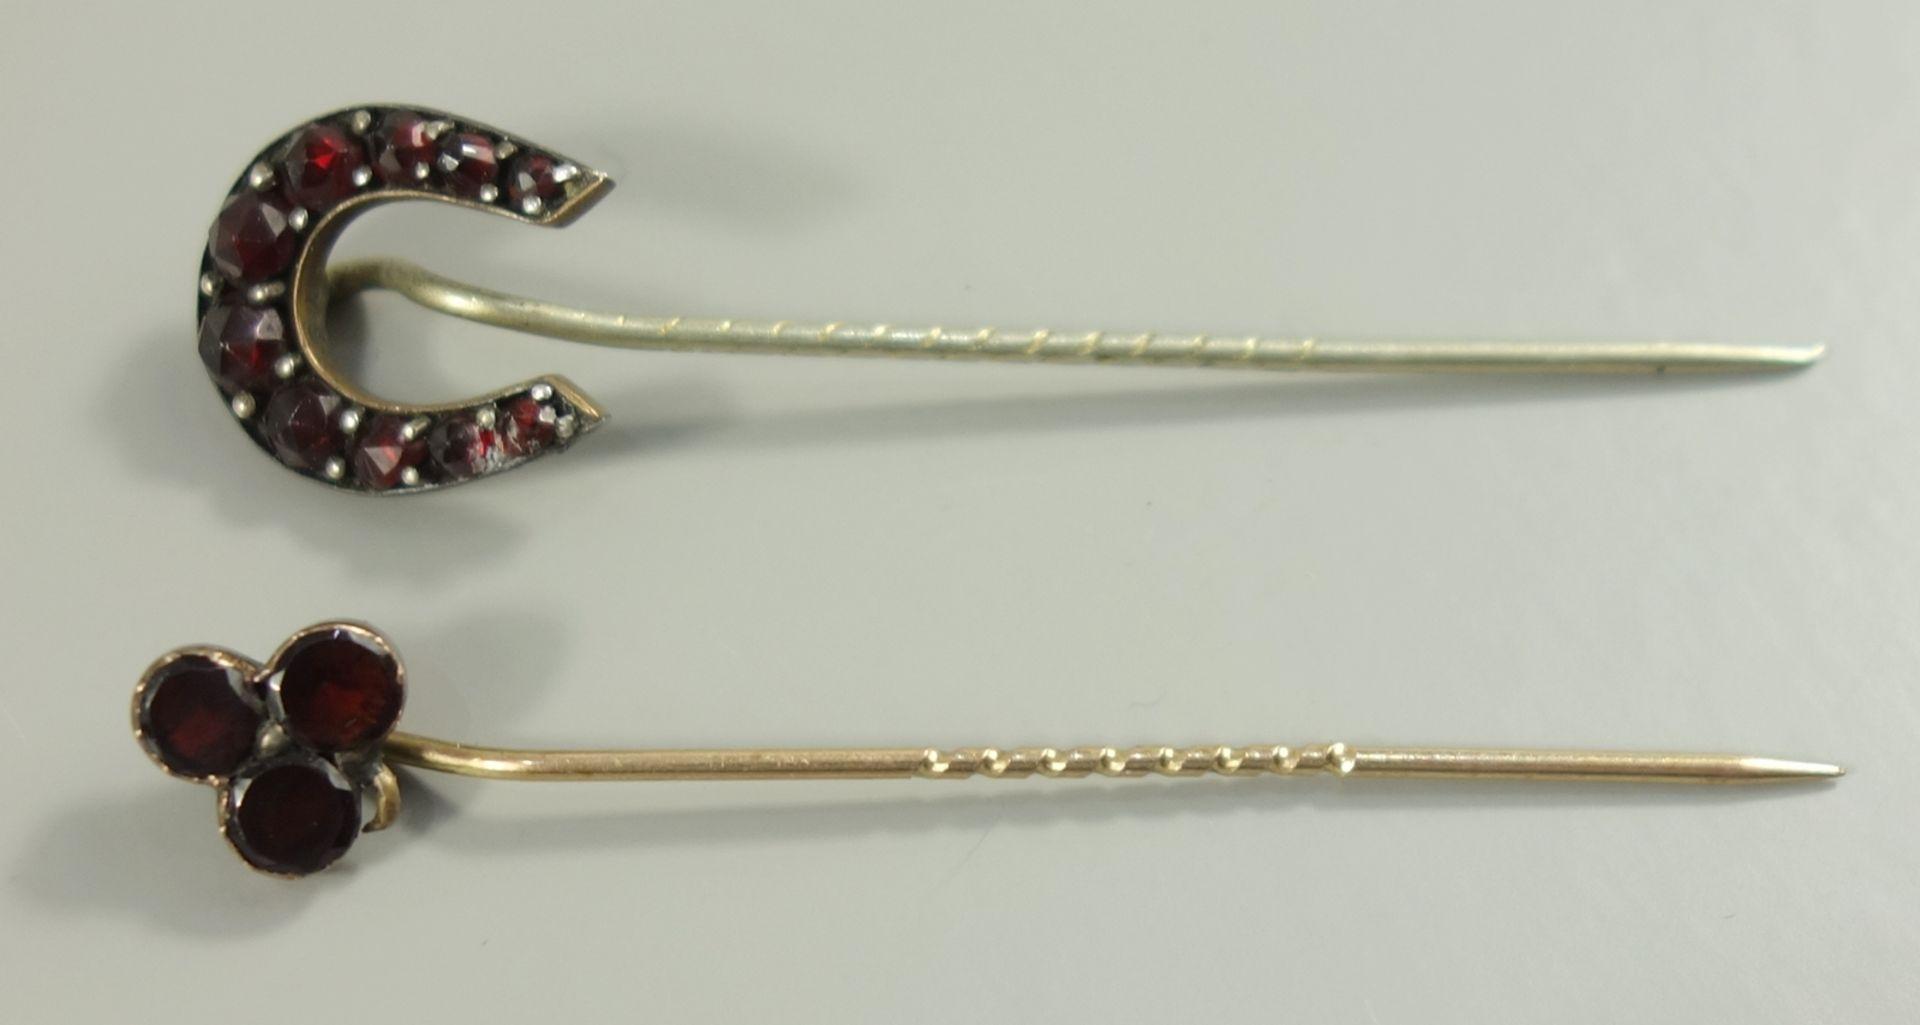 2 Granat-Nadeln, Böhmen um 1890, 1* Hufeisenform, 1* stilsiertes Kleeblatt2 garnet needles,